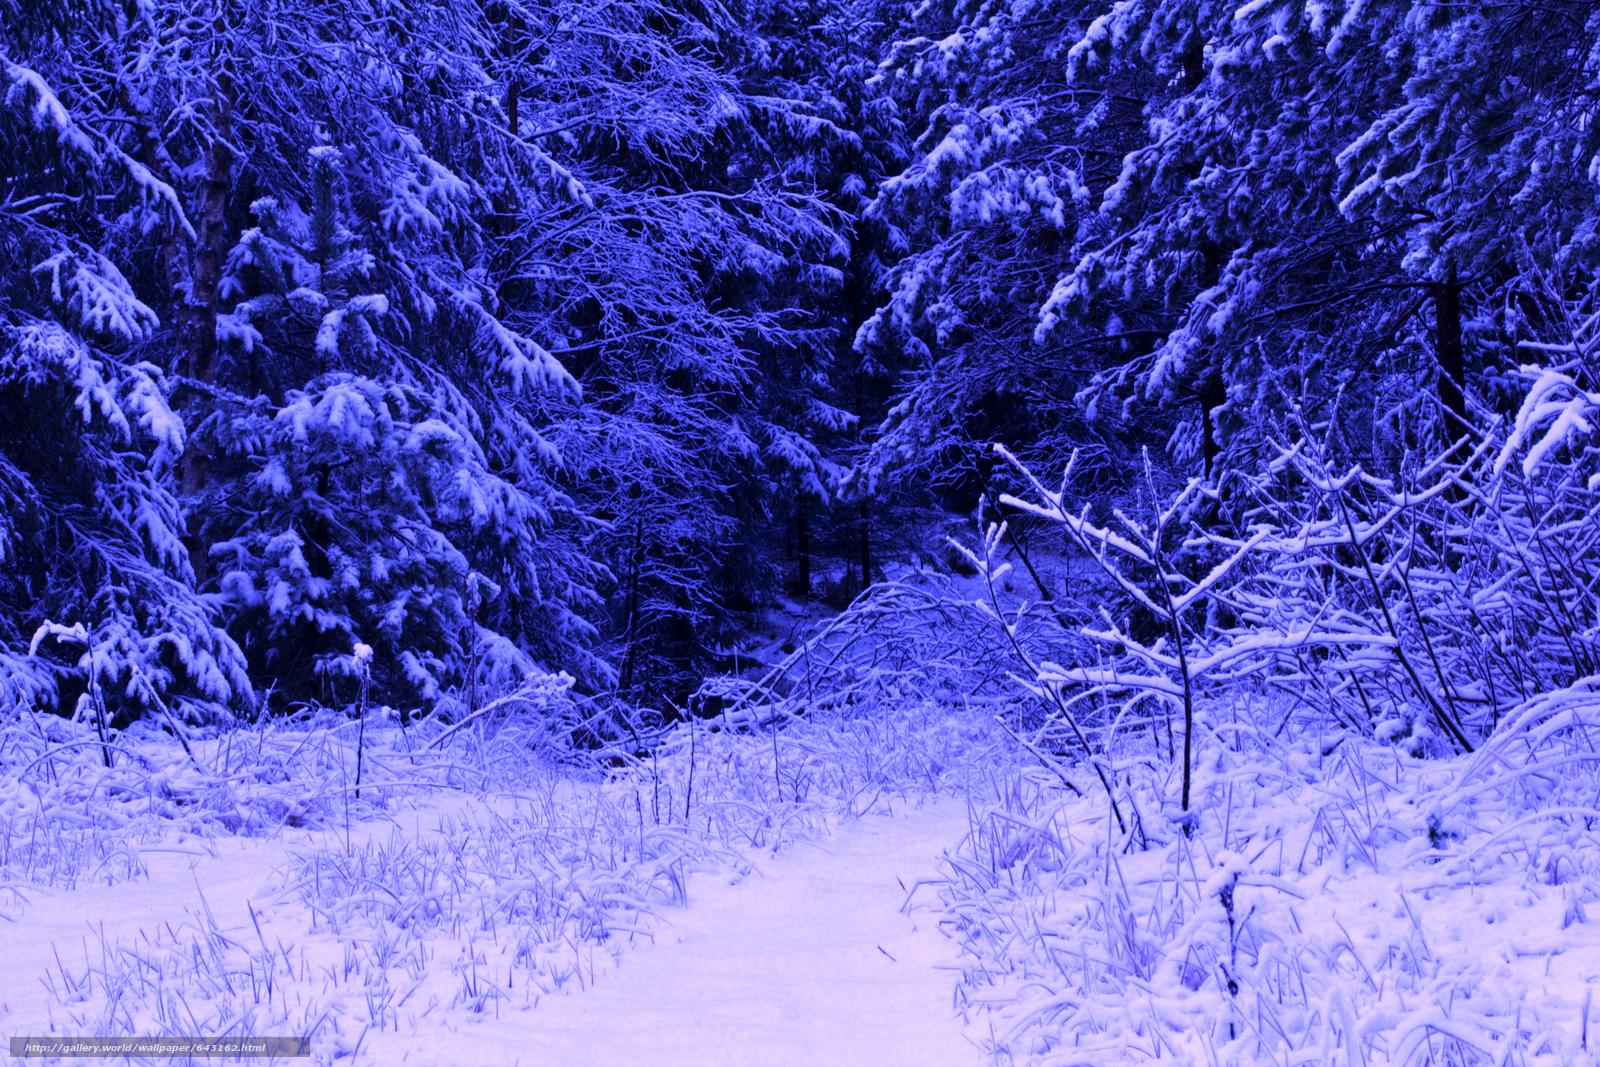 壁紙をダウンロード 冬,  森,  雪,  木 デスクトップの解像度のための無料壁紙 5184x3456 — 絵 №643162